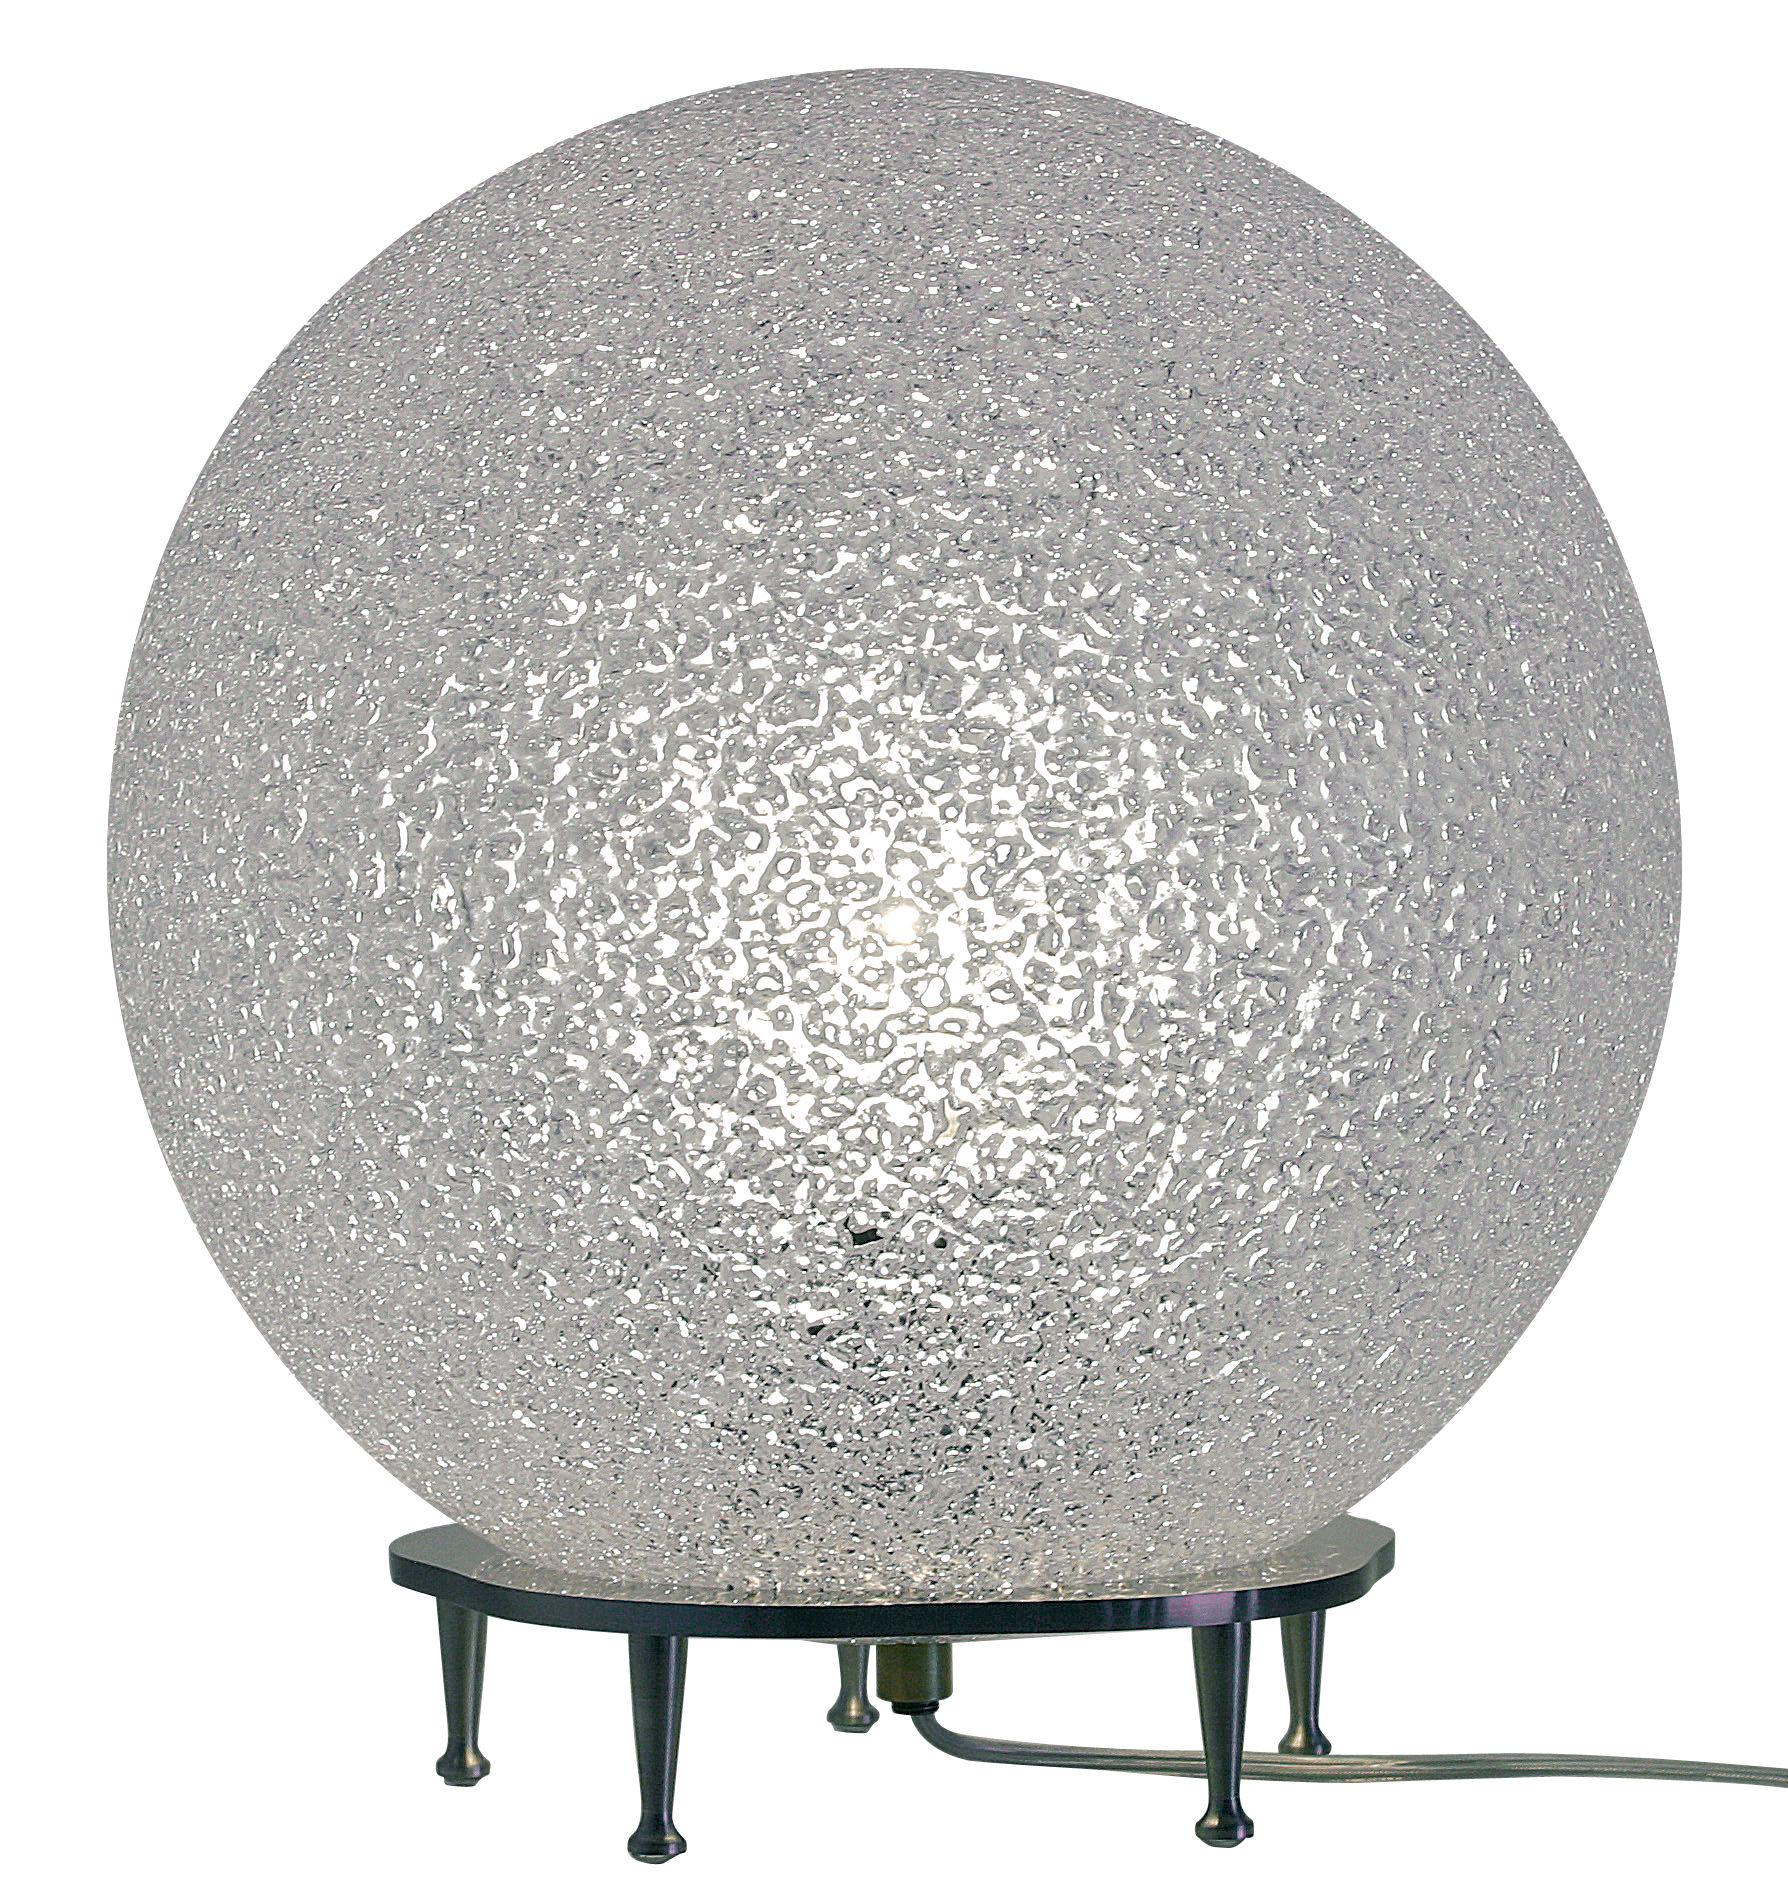 Leuchten - Tischleuchten - IceGlobe Tischleuchte / Ø 30 cm - Lumen Center Italia - Weiß - Metall, Polykarbonat